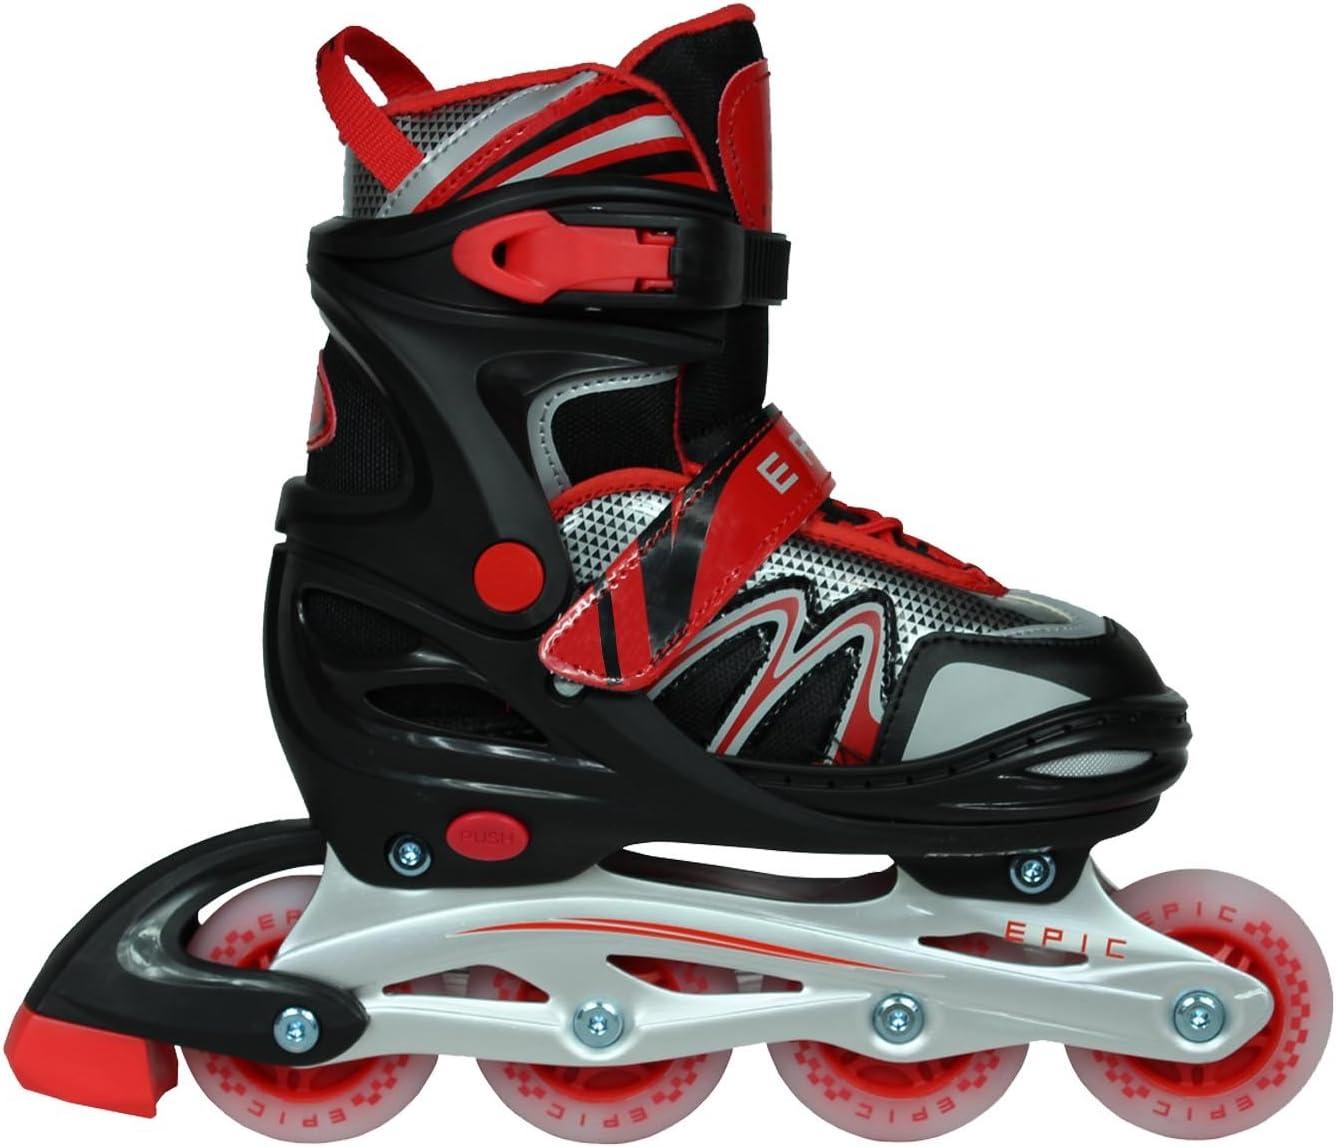 Adult 5-8 Black//Red Epic Skates Drift Adjustable Inline Roller Skates W//LED Light Up Wheels